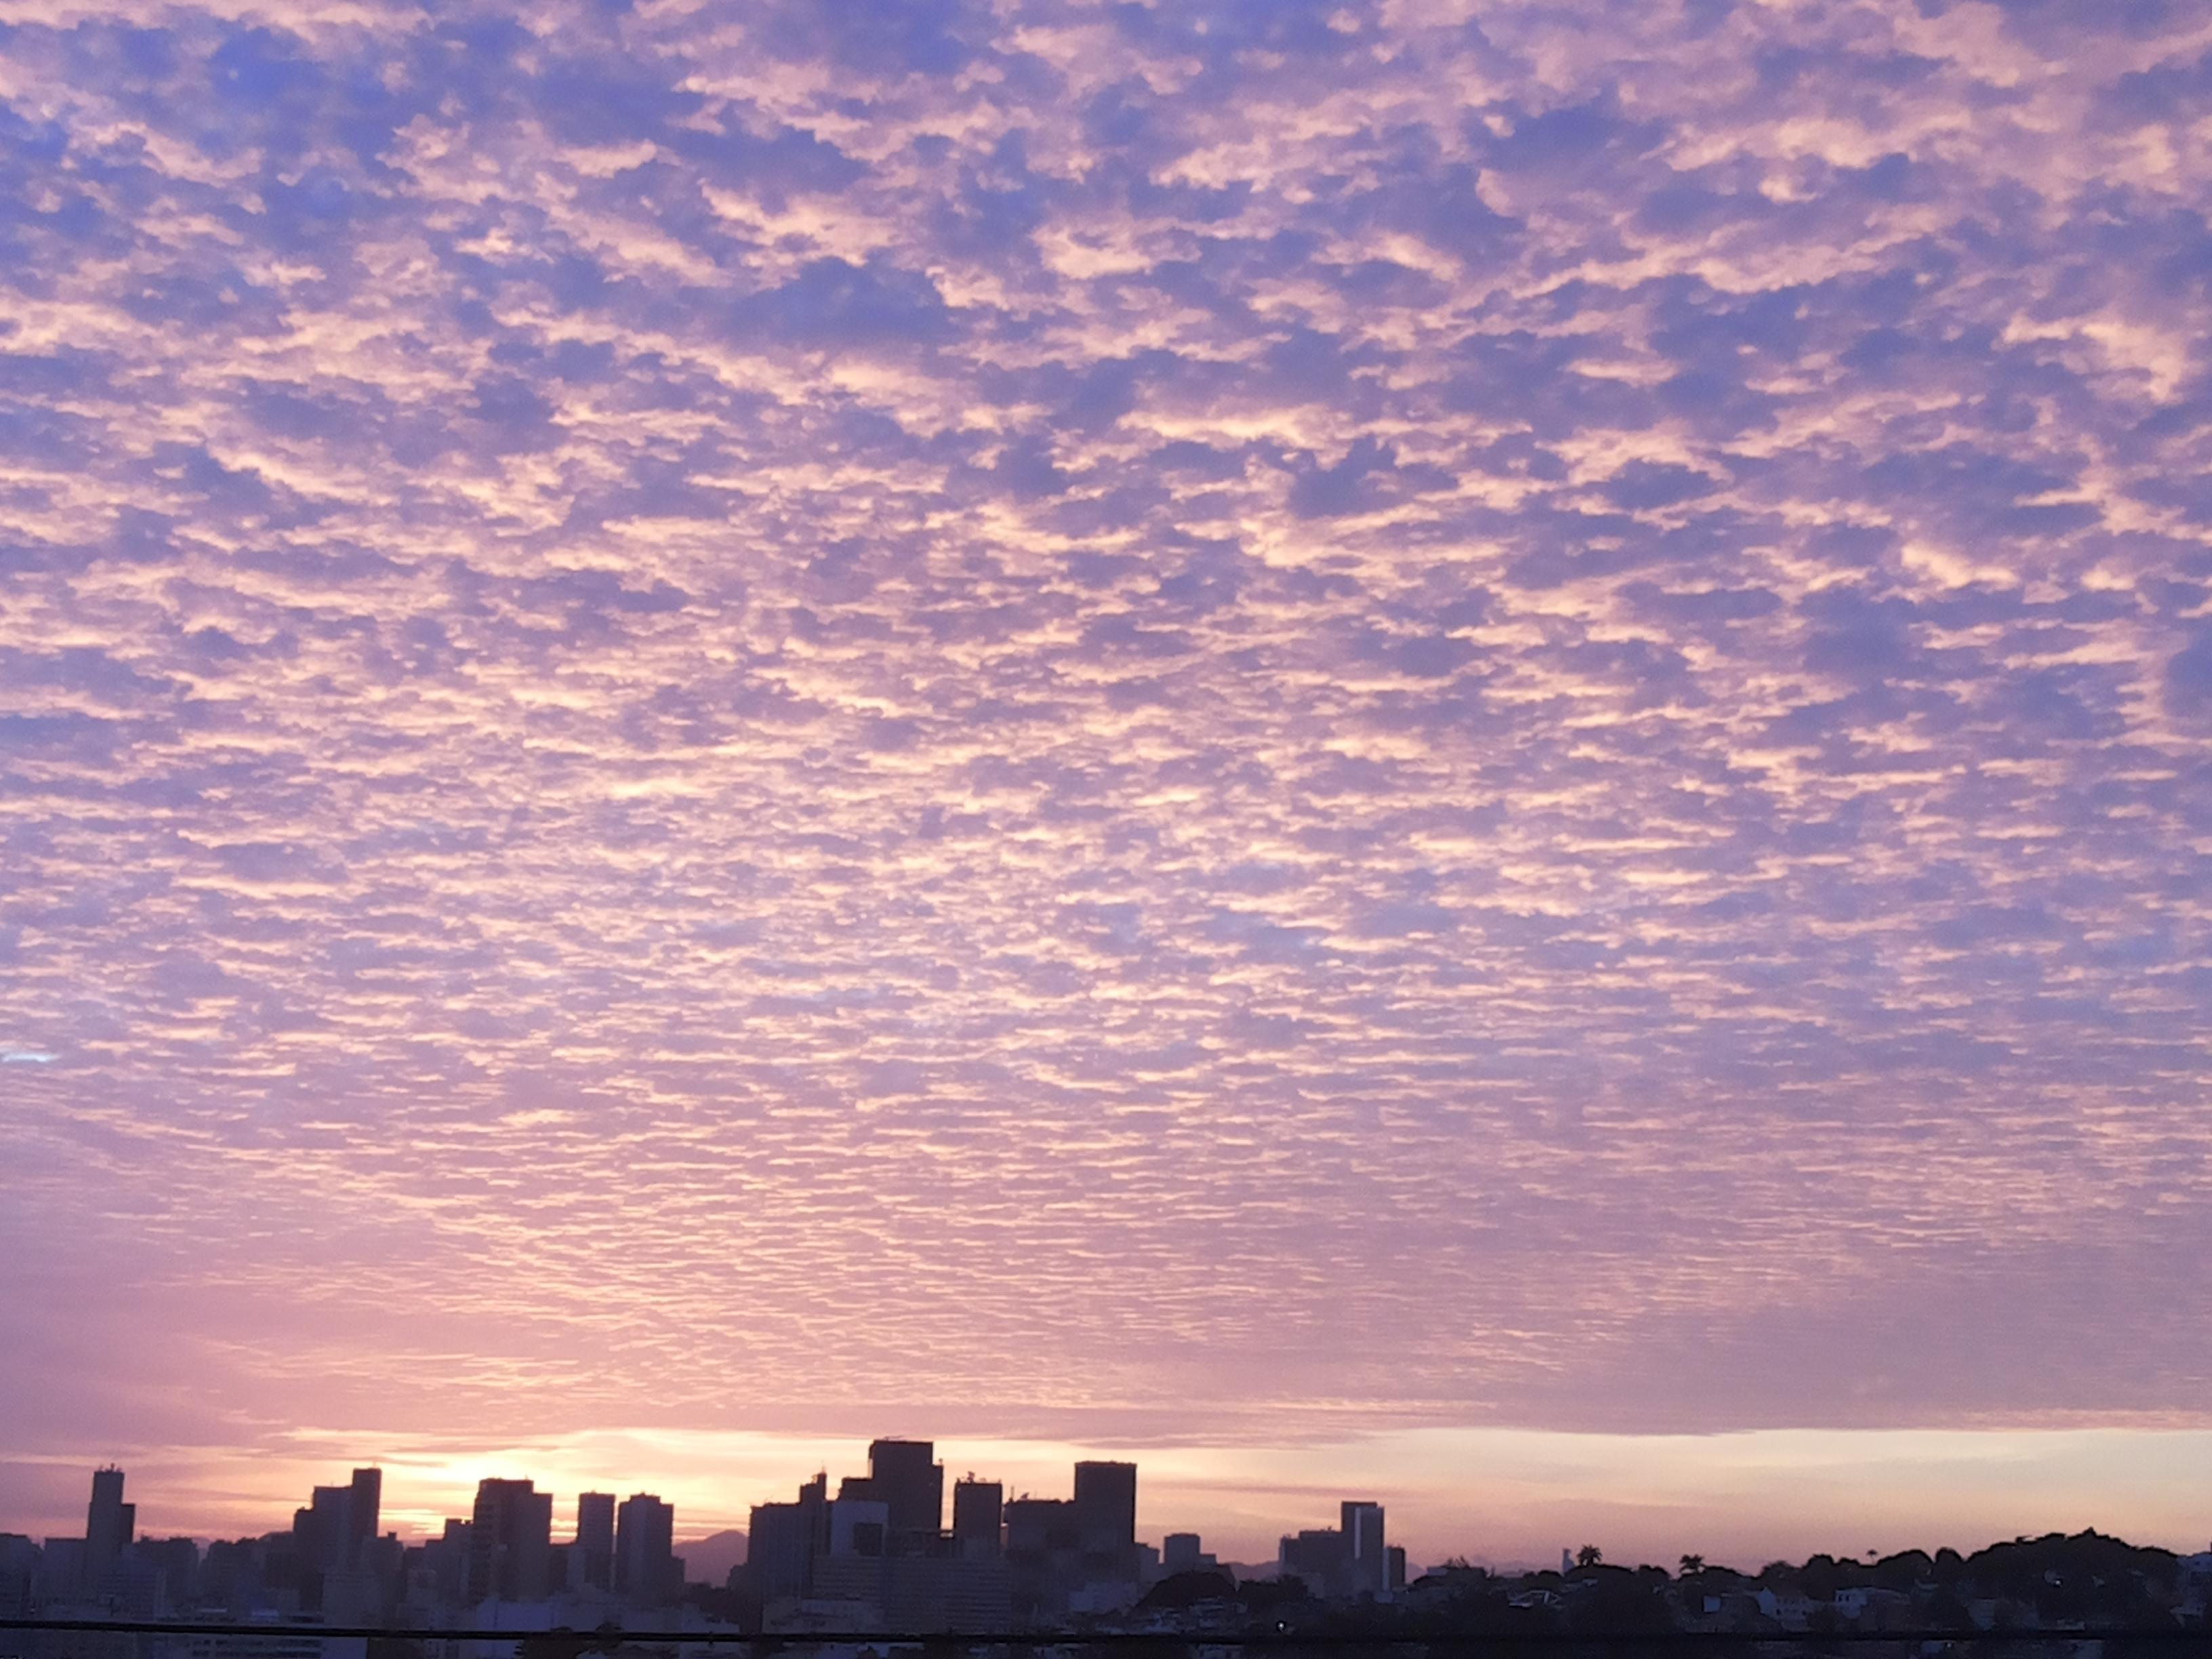 Gambar gratis Janeiro kota dengan awan